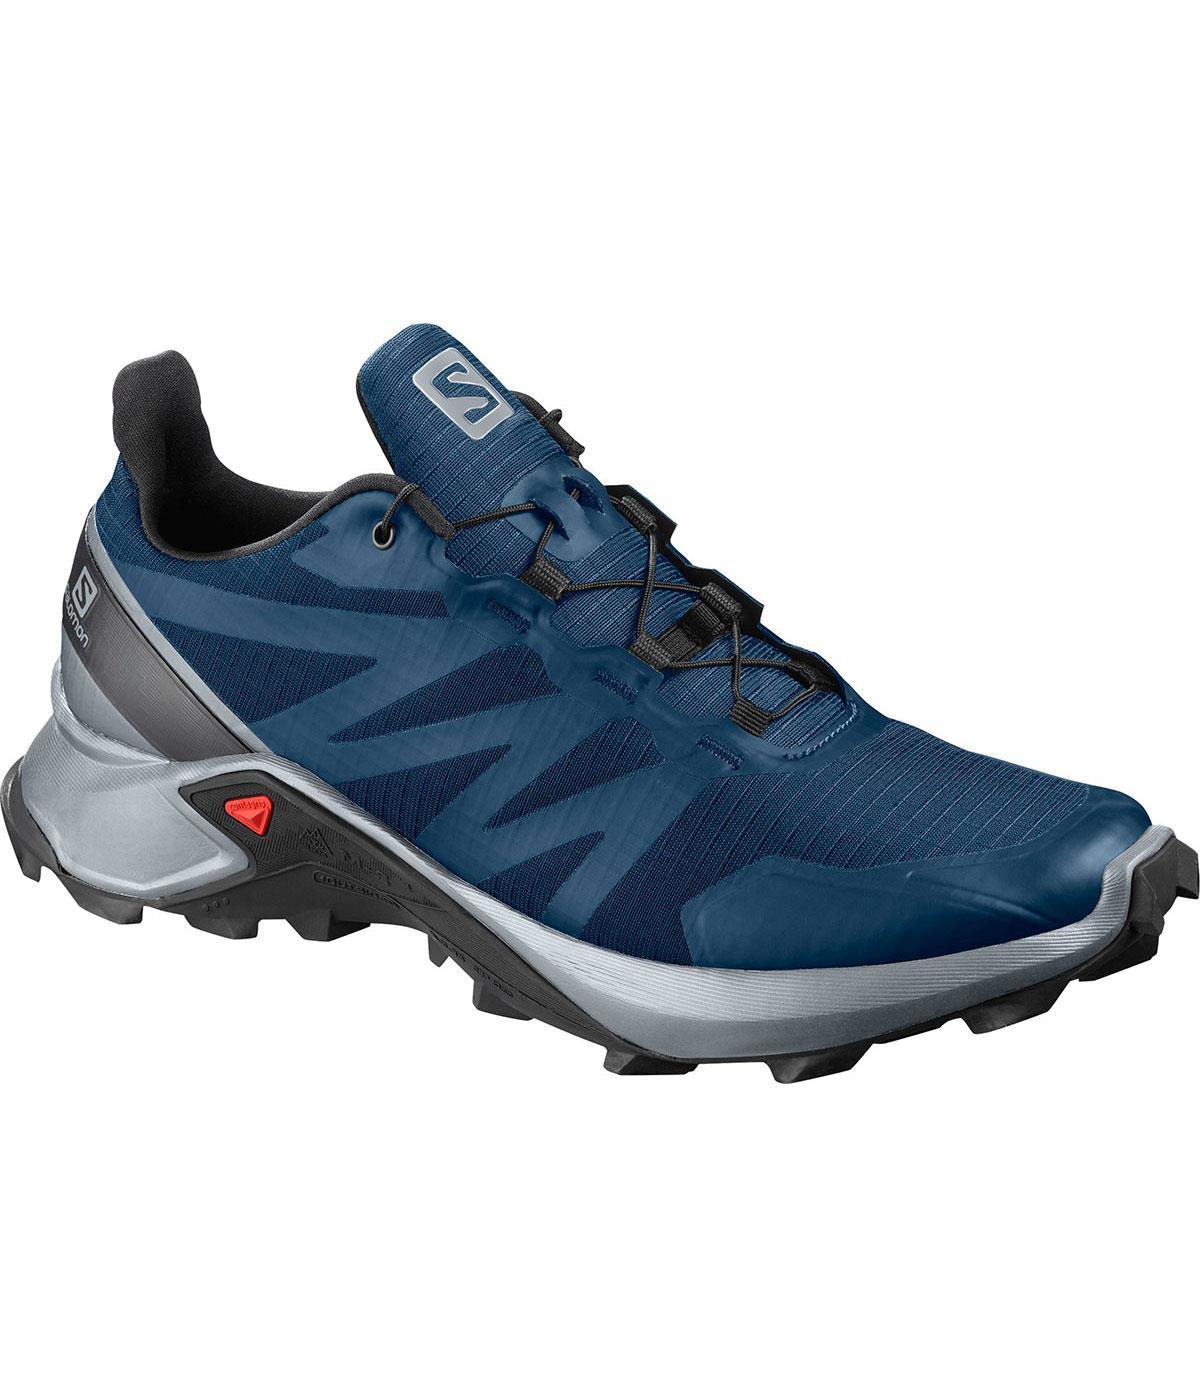 Salomon SUPERCROSS Erkek Koşu Ayakkabısı L40930300